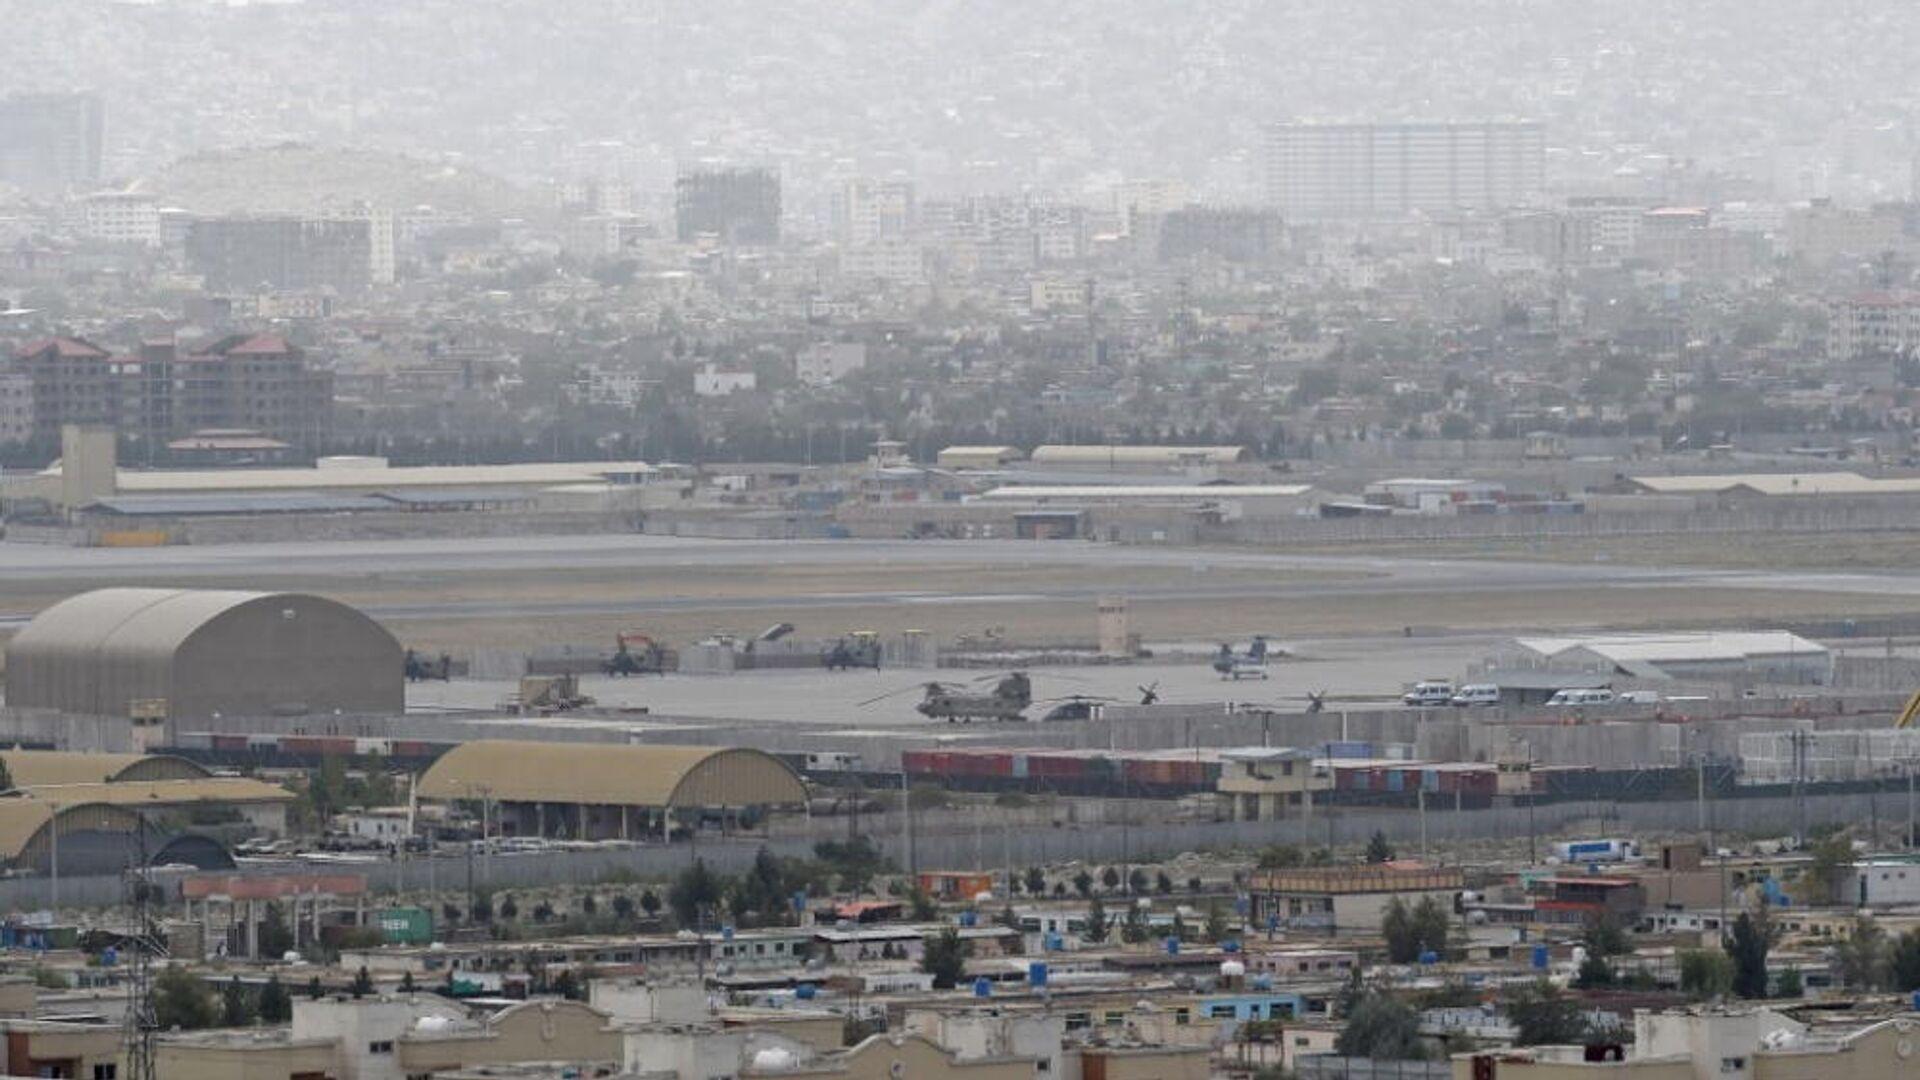 Άποψη του αεροδρομίου της Καμπούλ, 14 Αυγούστου 2021 - Sputnik Ελλάδα, 1920, 20.08.2021